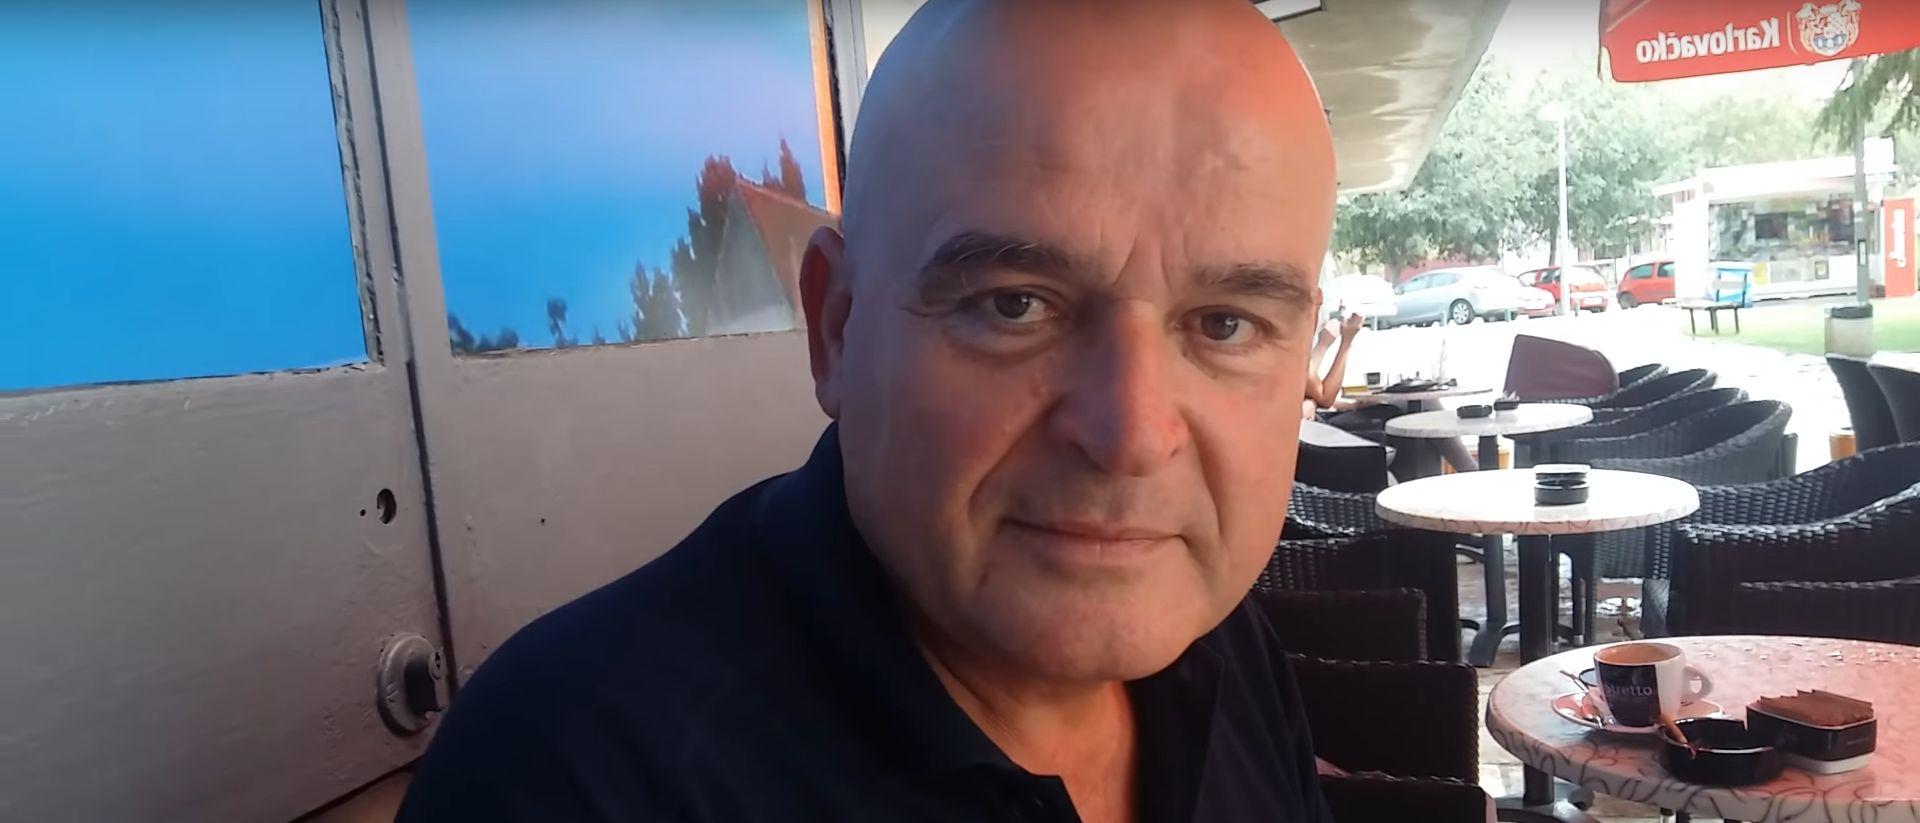 Lušić preduhitrio ovrhu: 'Danas predajem Smokvicu državi! Evo im sve pa neka upravljaju'